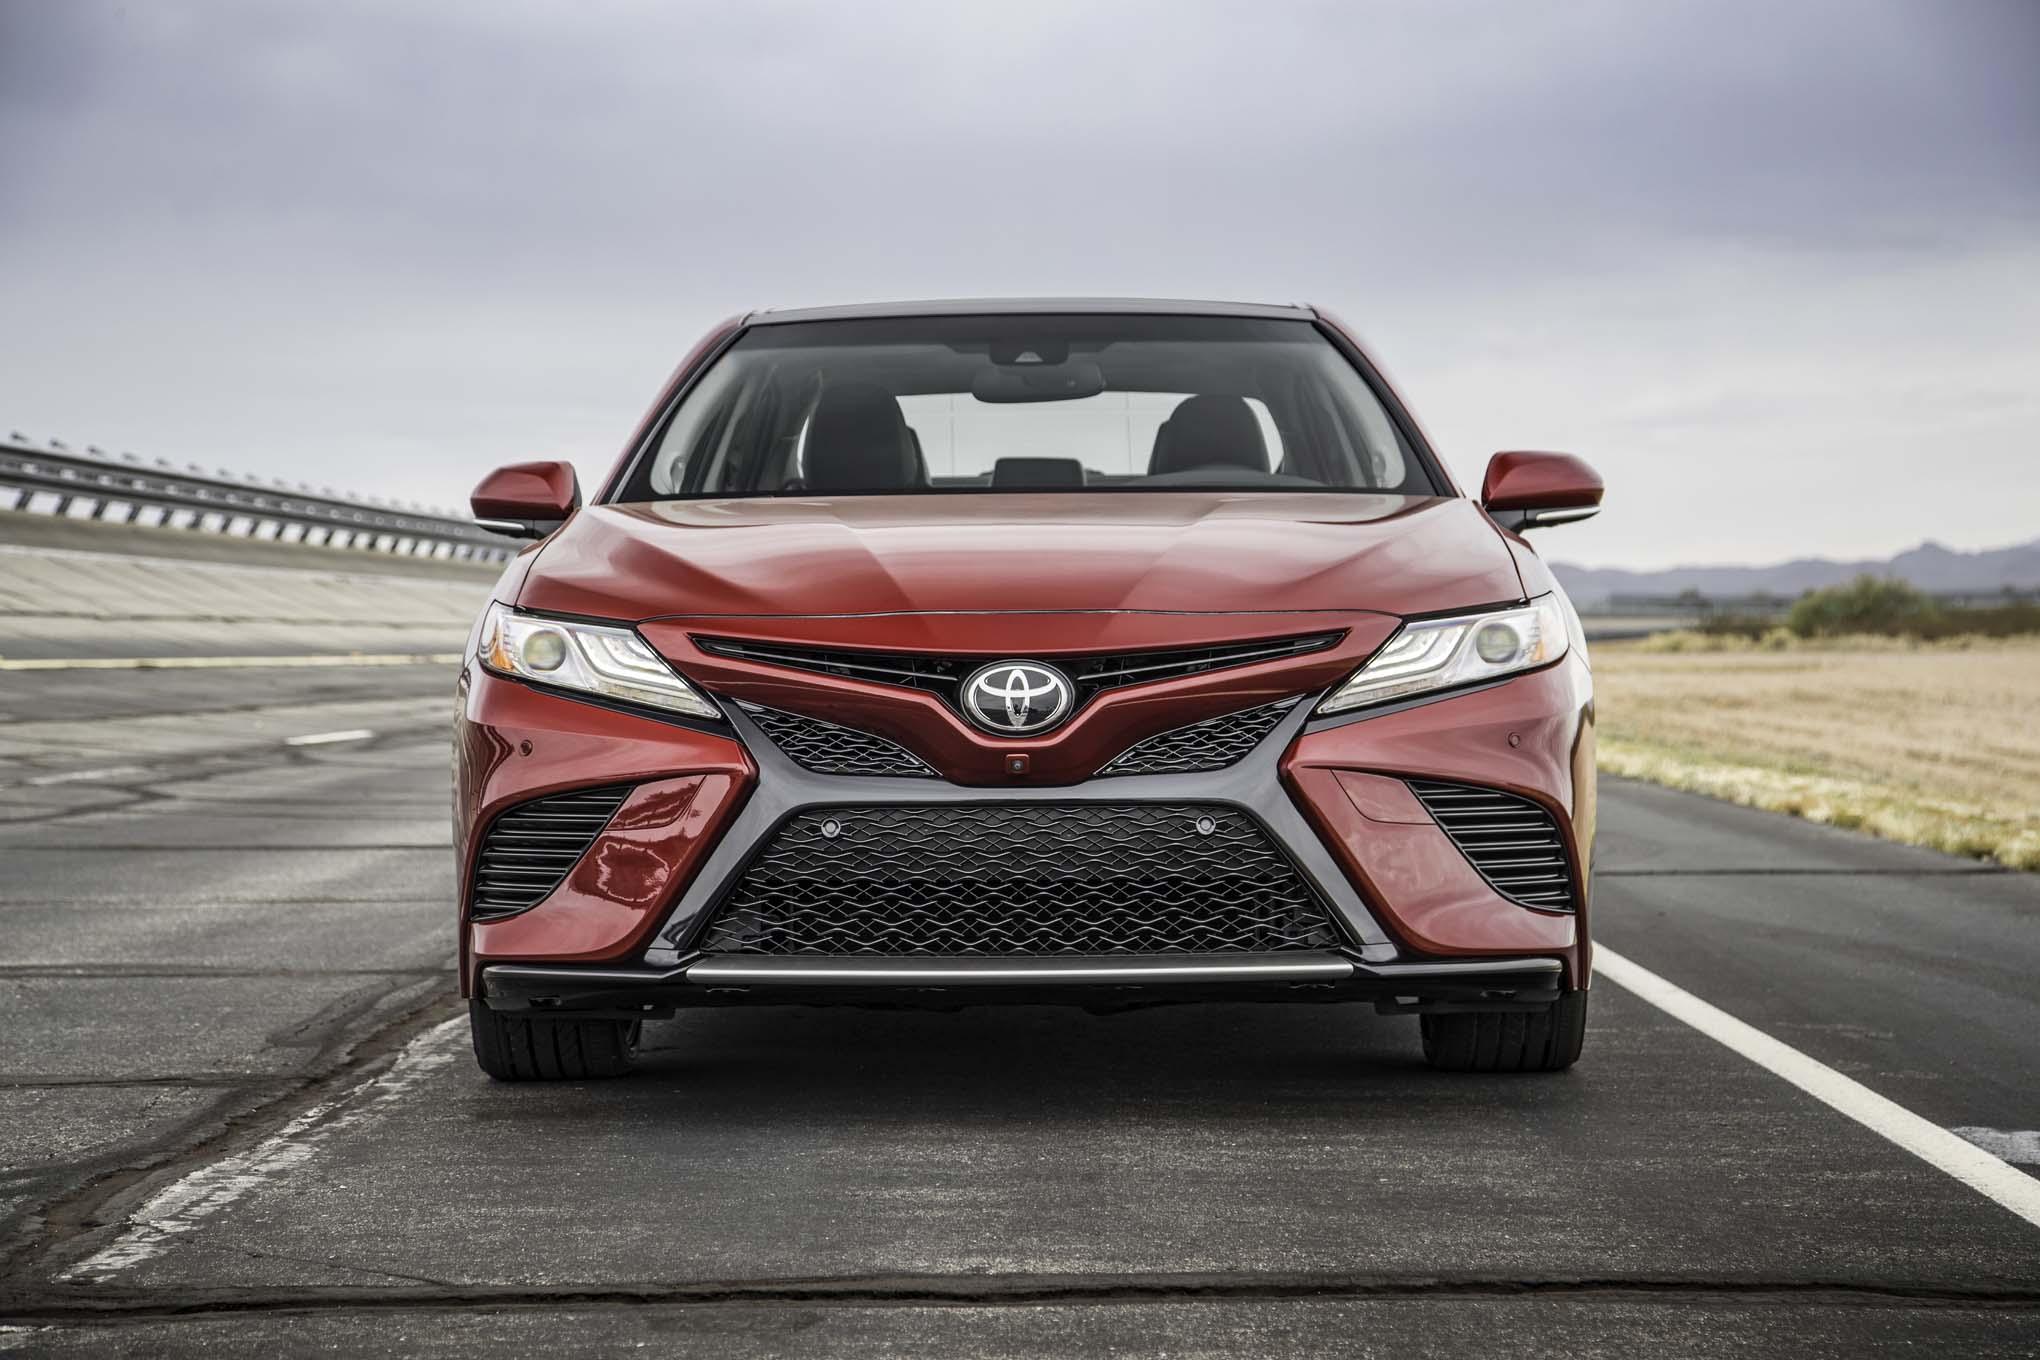 Camry Le Vs Se >> 2018 Toyota Camry XSE Price, Engine, Specs, Range, Interior